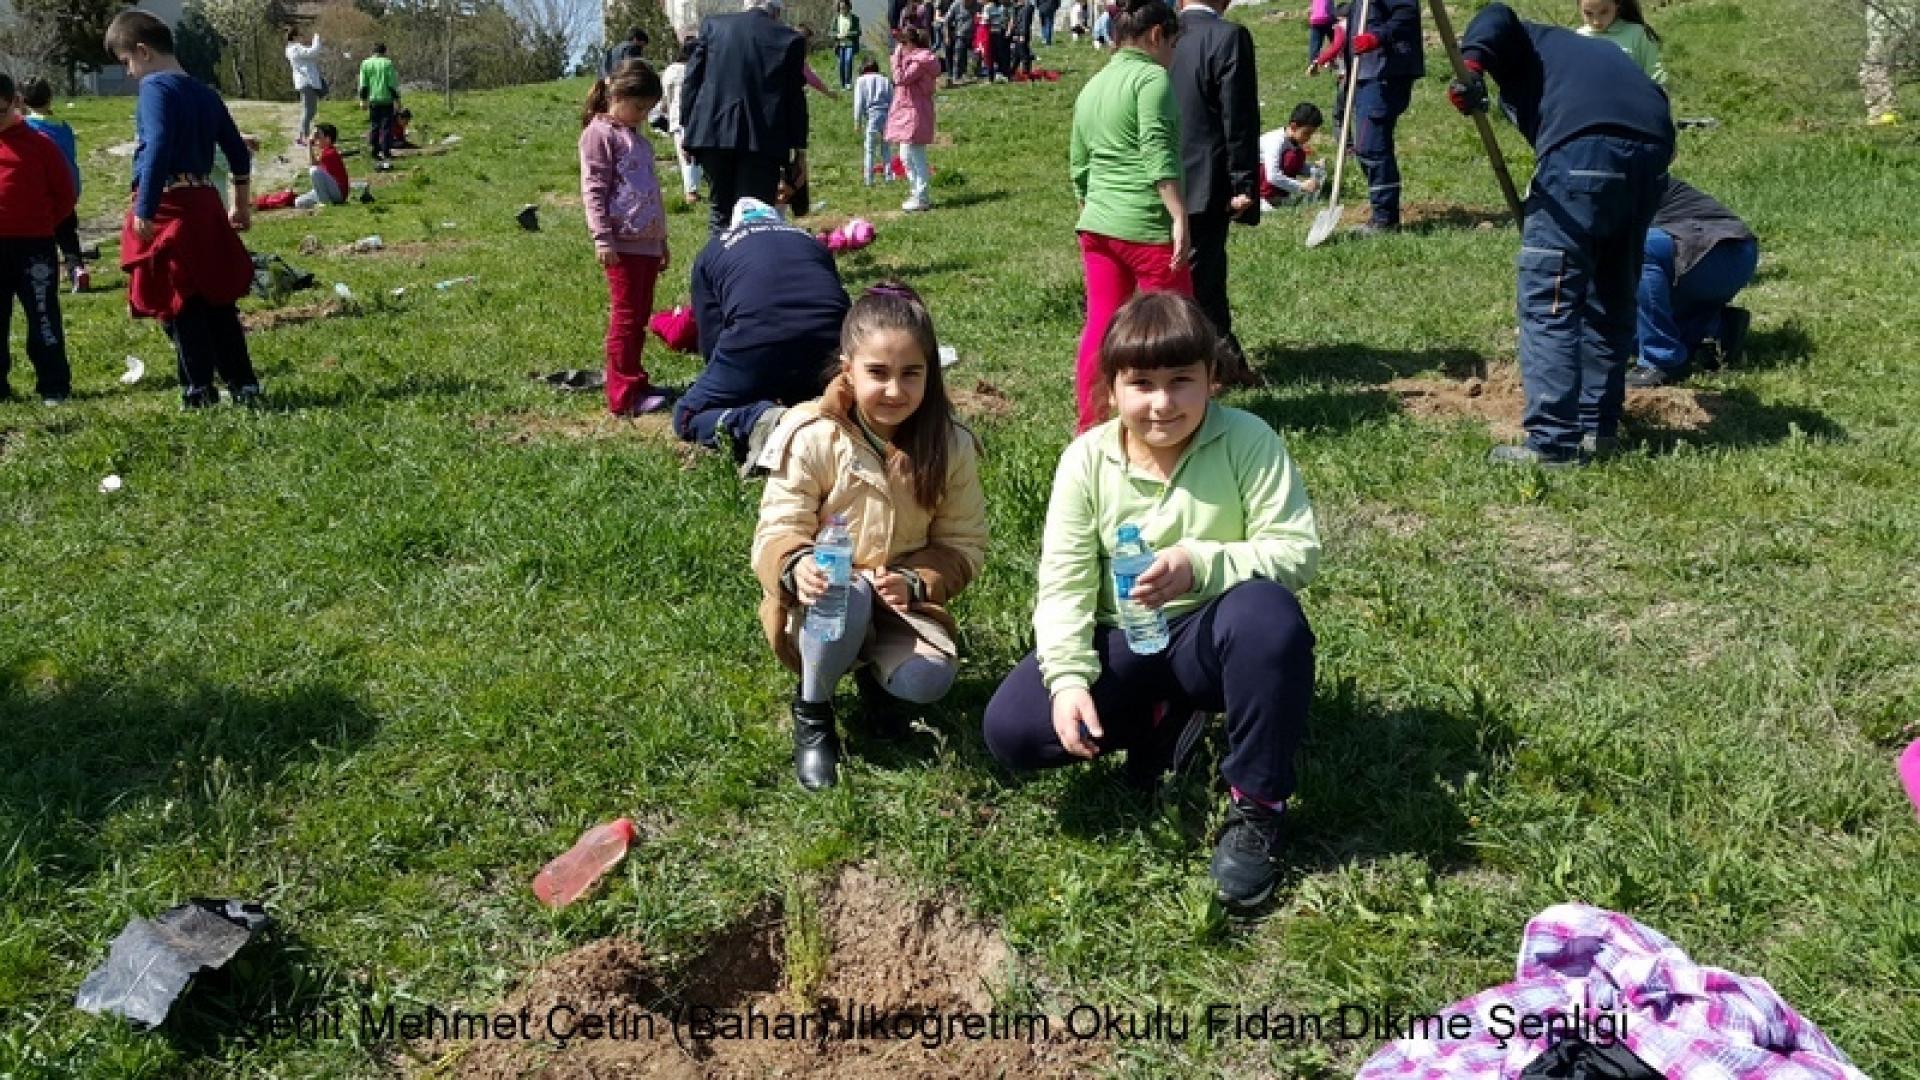 Şehit Mehmet Çetin İlkokulu Ağaç Dikme Şenliği 1523000131 381